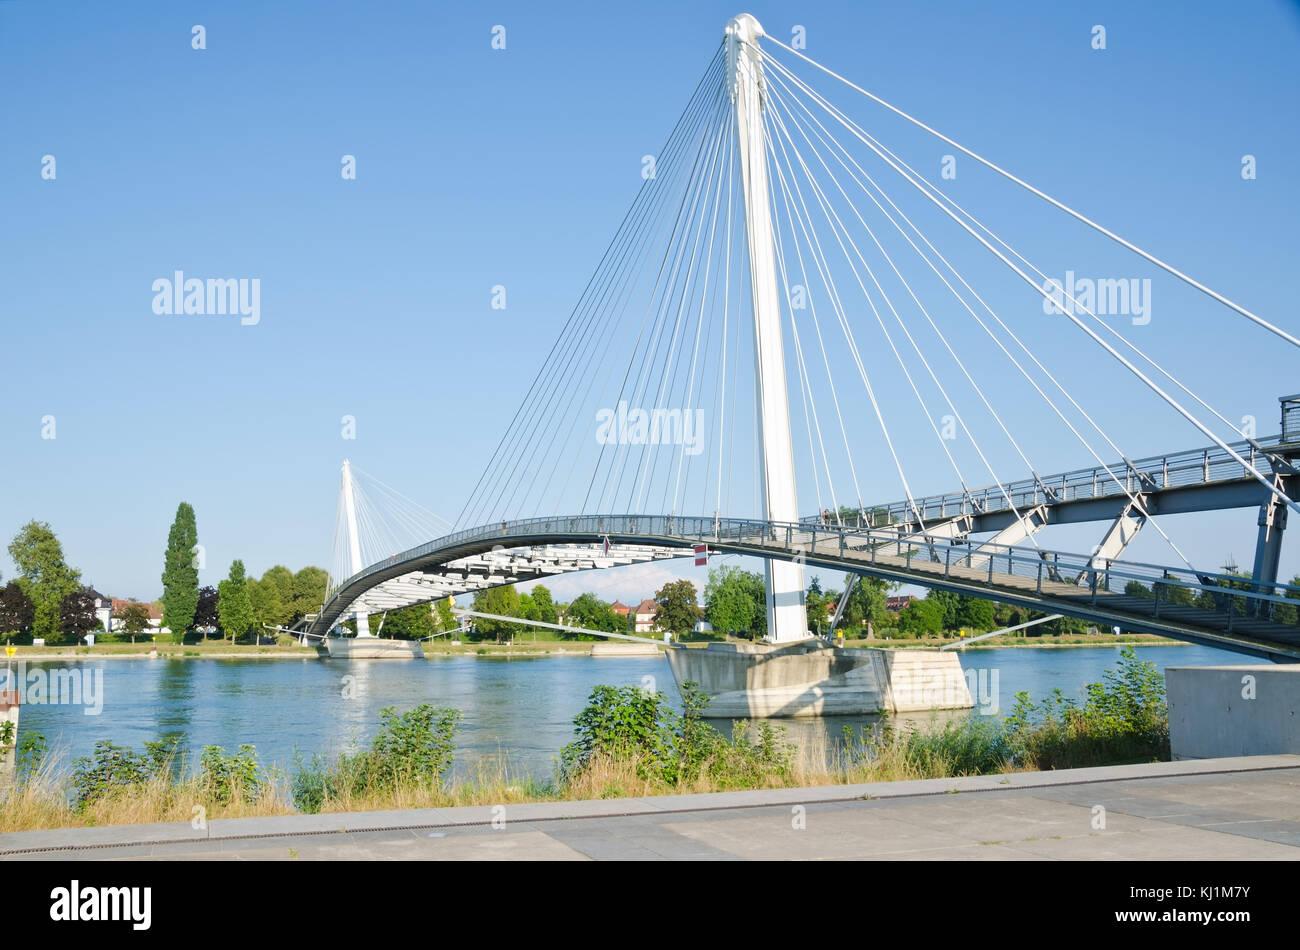 Strasburgo, Francia. Il 31 agosto 2016. Le passerelle mimram, un ponte pedonale che collega il tedesco e il francese i lati del fiume Reno. Foto Stock